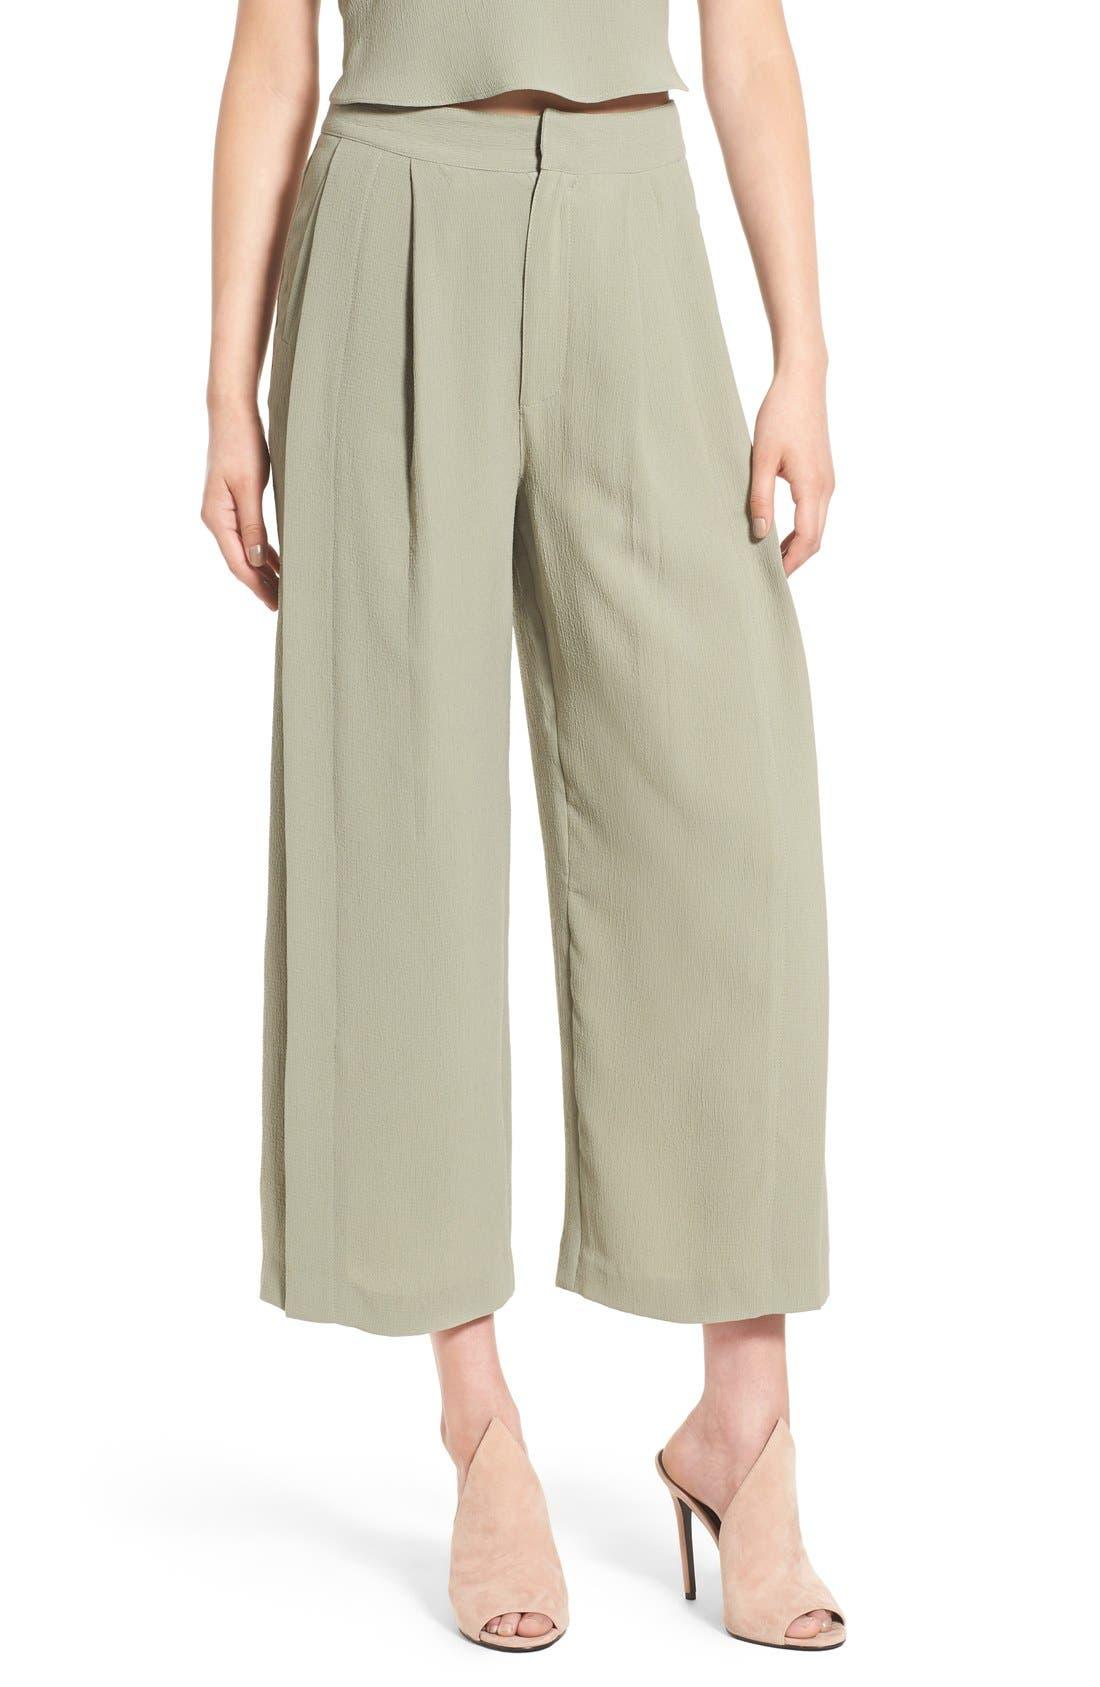 Main Image - KENDALL + KYLIE High Waist Wide Leg Crop Pants